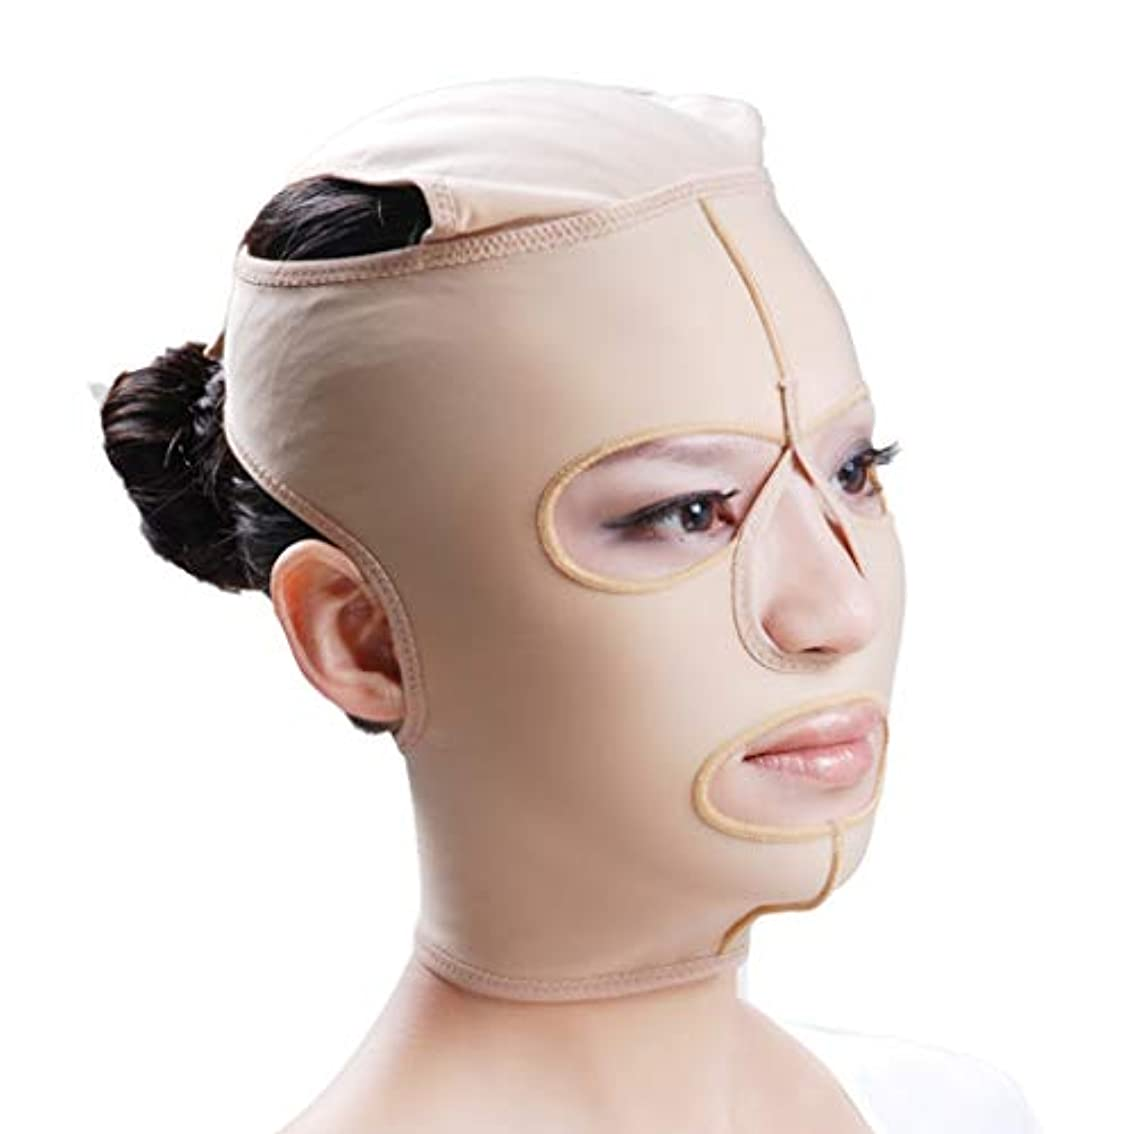 第九飲み込むオーナメントLJK フェイスリフトマスク、フルフェイスマスク医療グレード圧力フェイスダブルチンプラスチック脂肪吸引術弾性包帯ヘッドギア後の顔の脂肪吸引術 (Size : M)